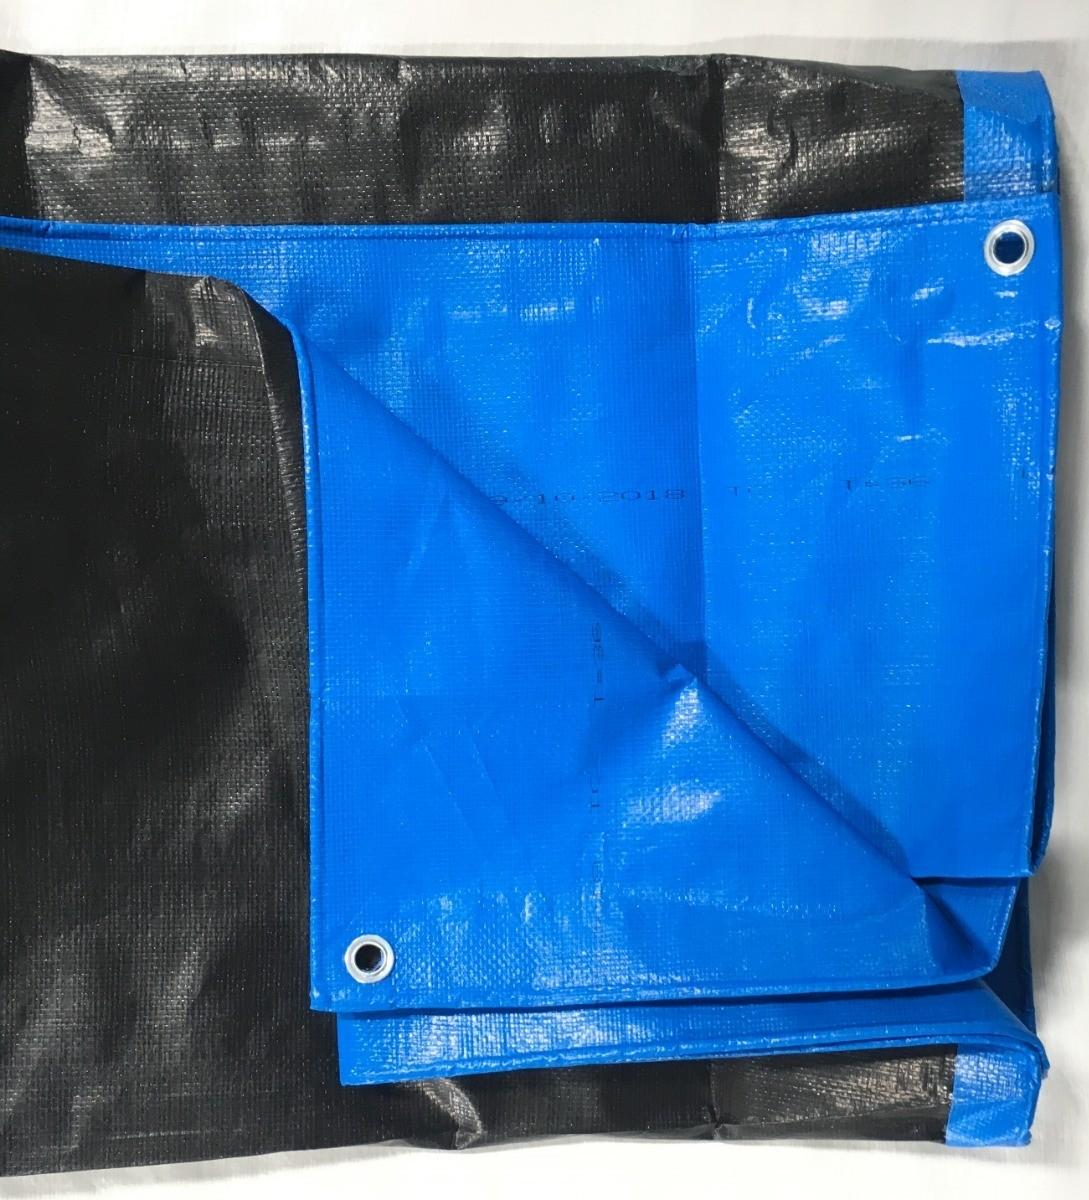 Lona Multiuso Impermeável Cargas Camping em Polietileno Azul/Preto 300 Micras